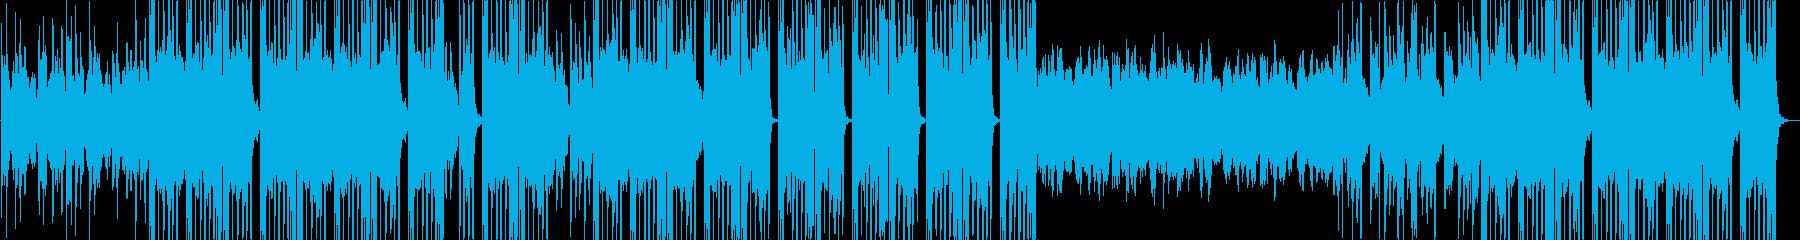 洋楽風ヒップホップトラックの再生済みの波形